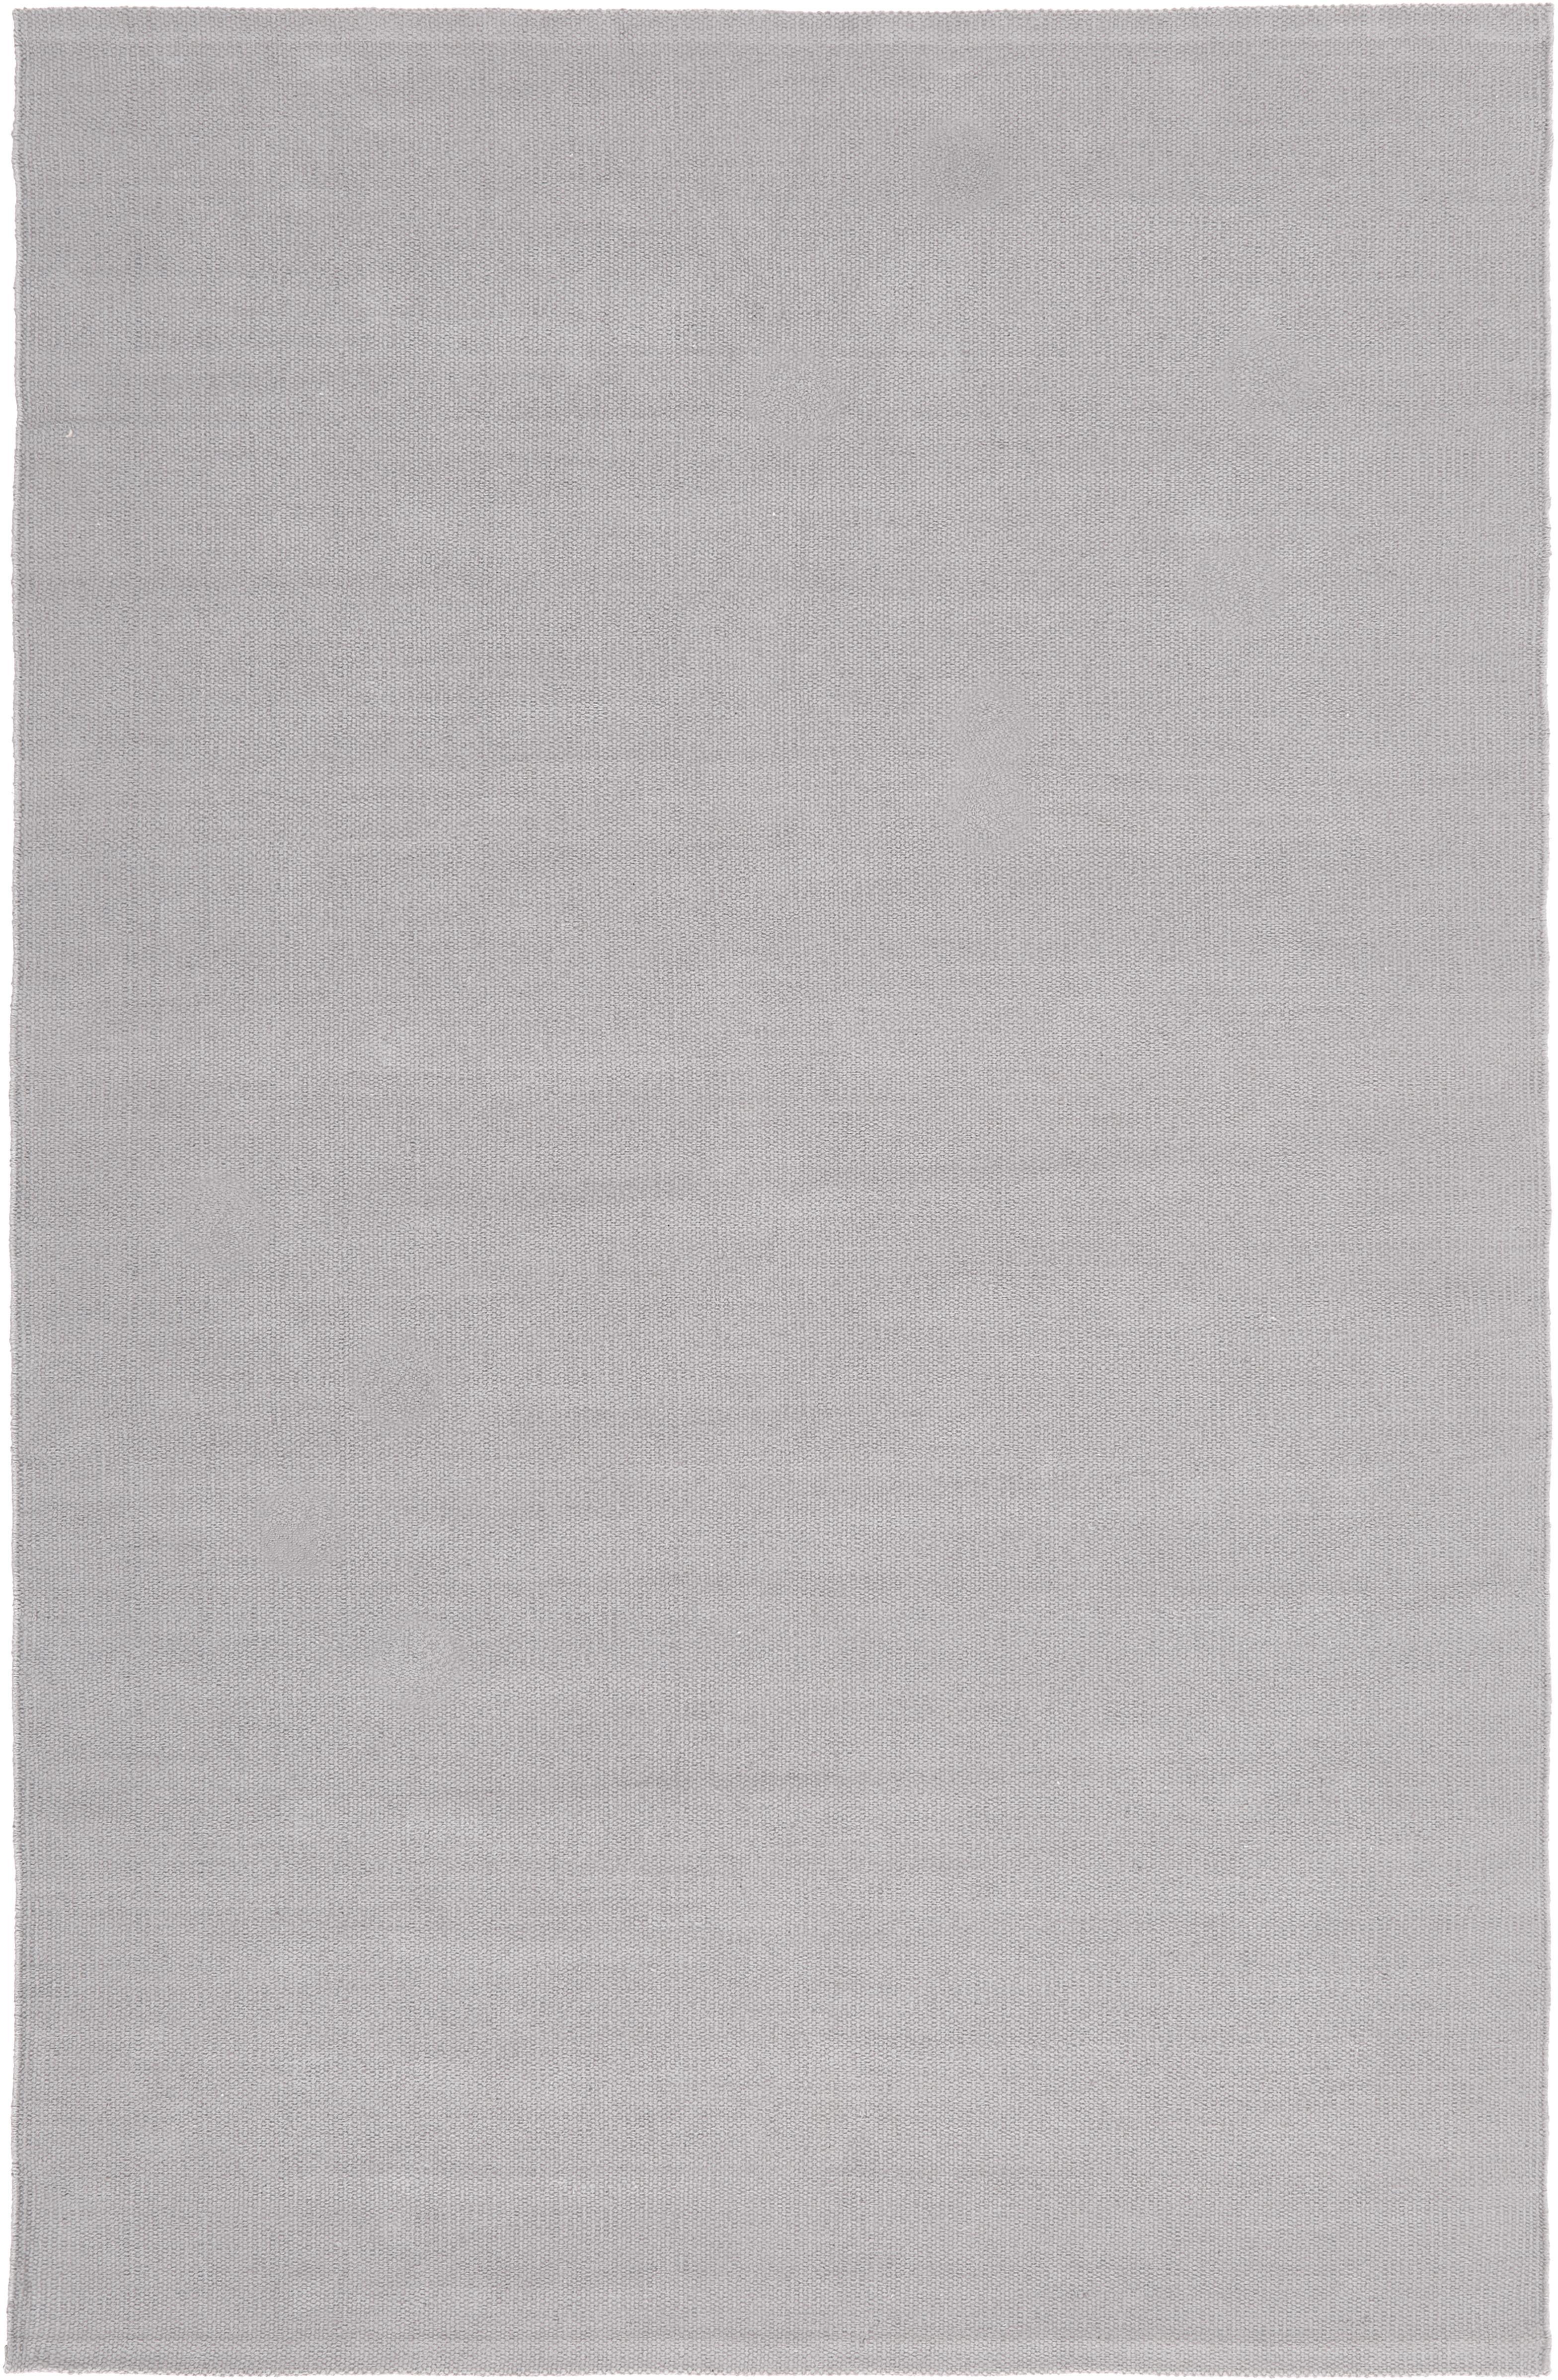 Tappeto in cotone tessuto a mano Agneta, Cotone, Grigio, Larg. 120 x Lung. 180 cm (taglia S)